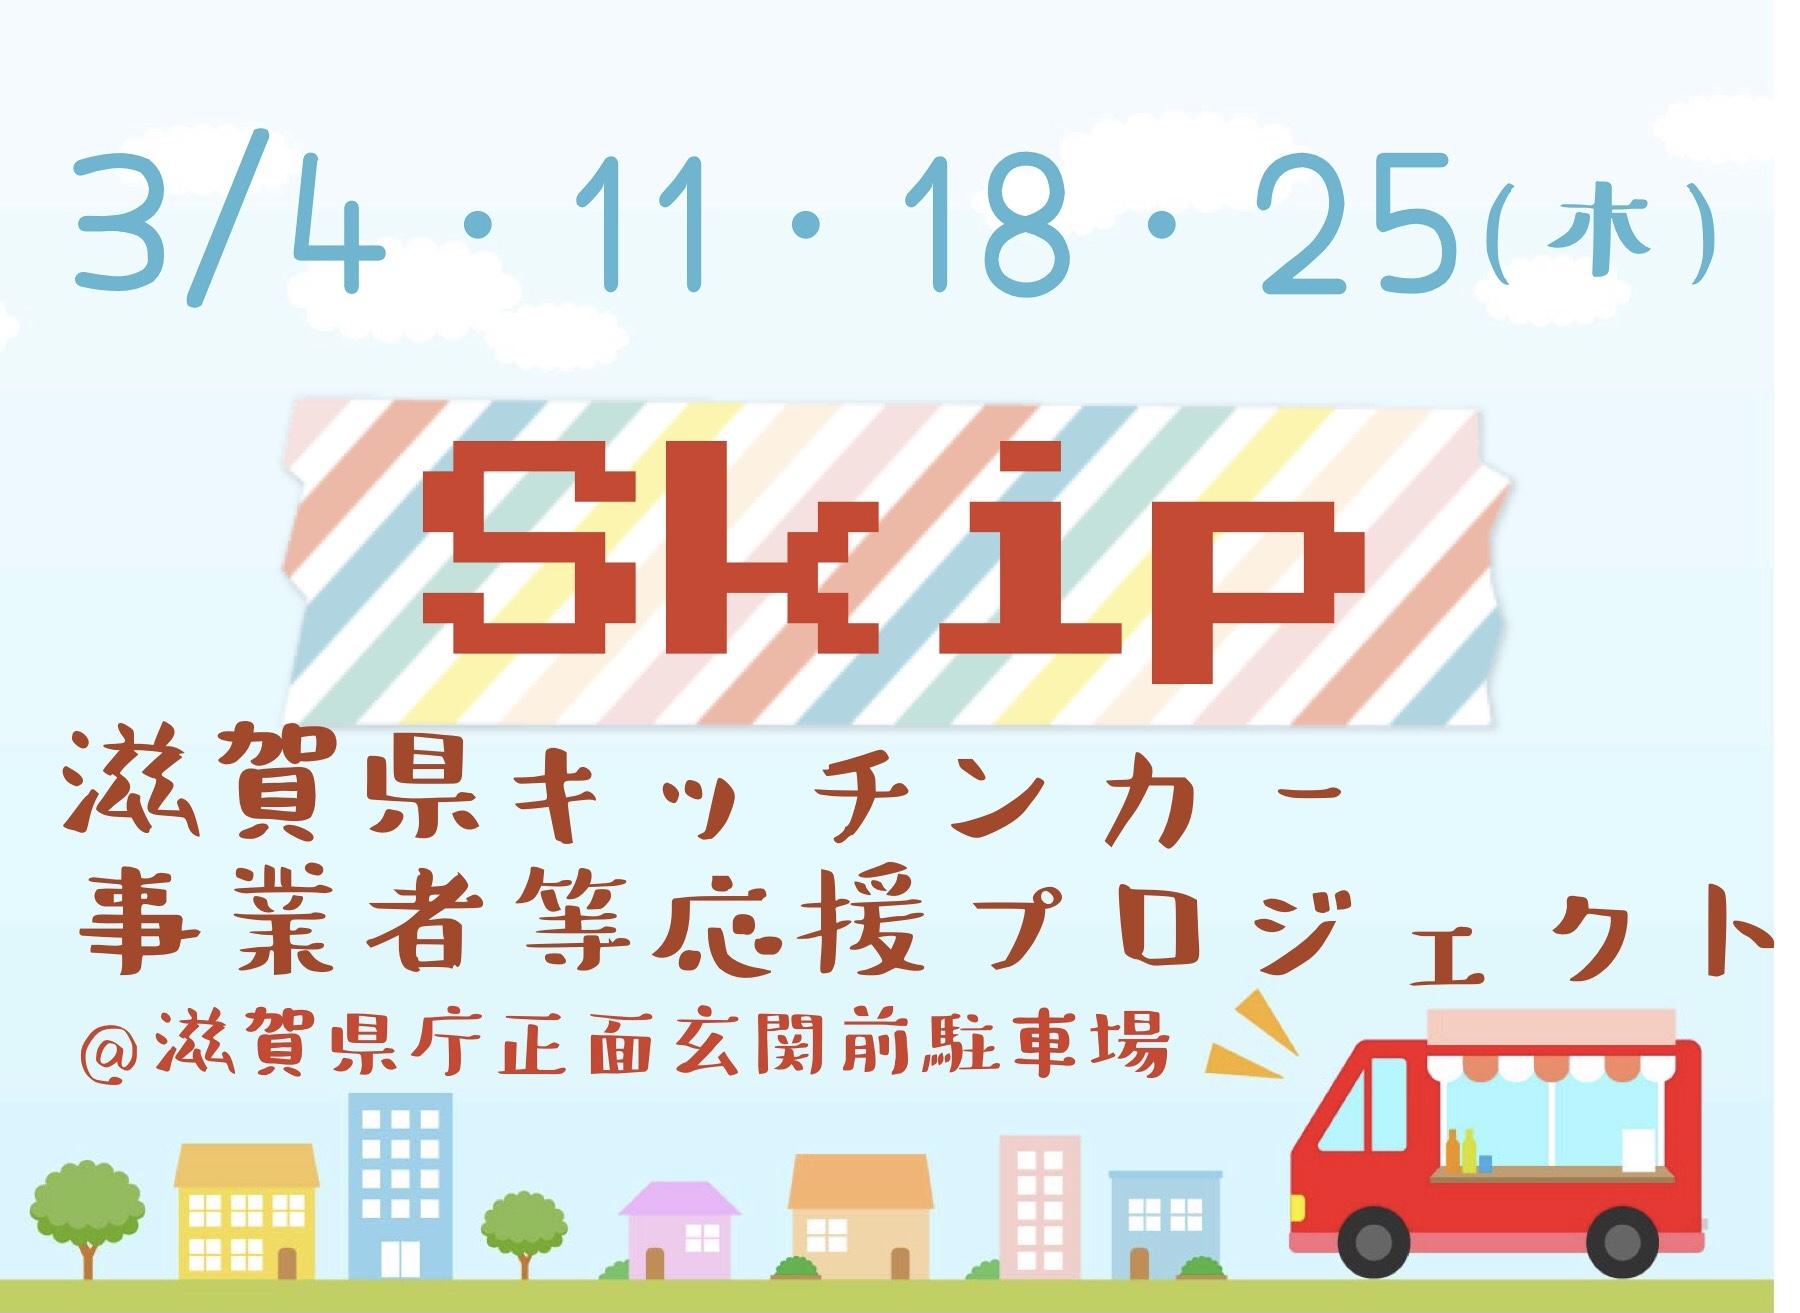 【〜3/4・11・18・25】滋賀県キッチンカー事業者等応援プロジェクト